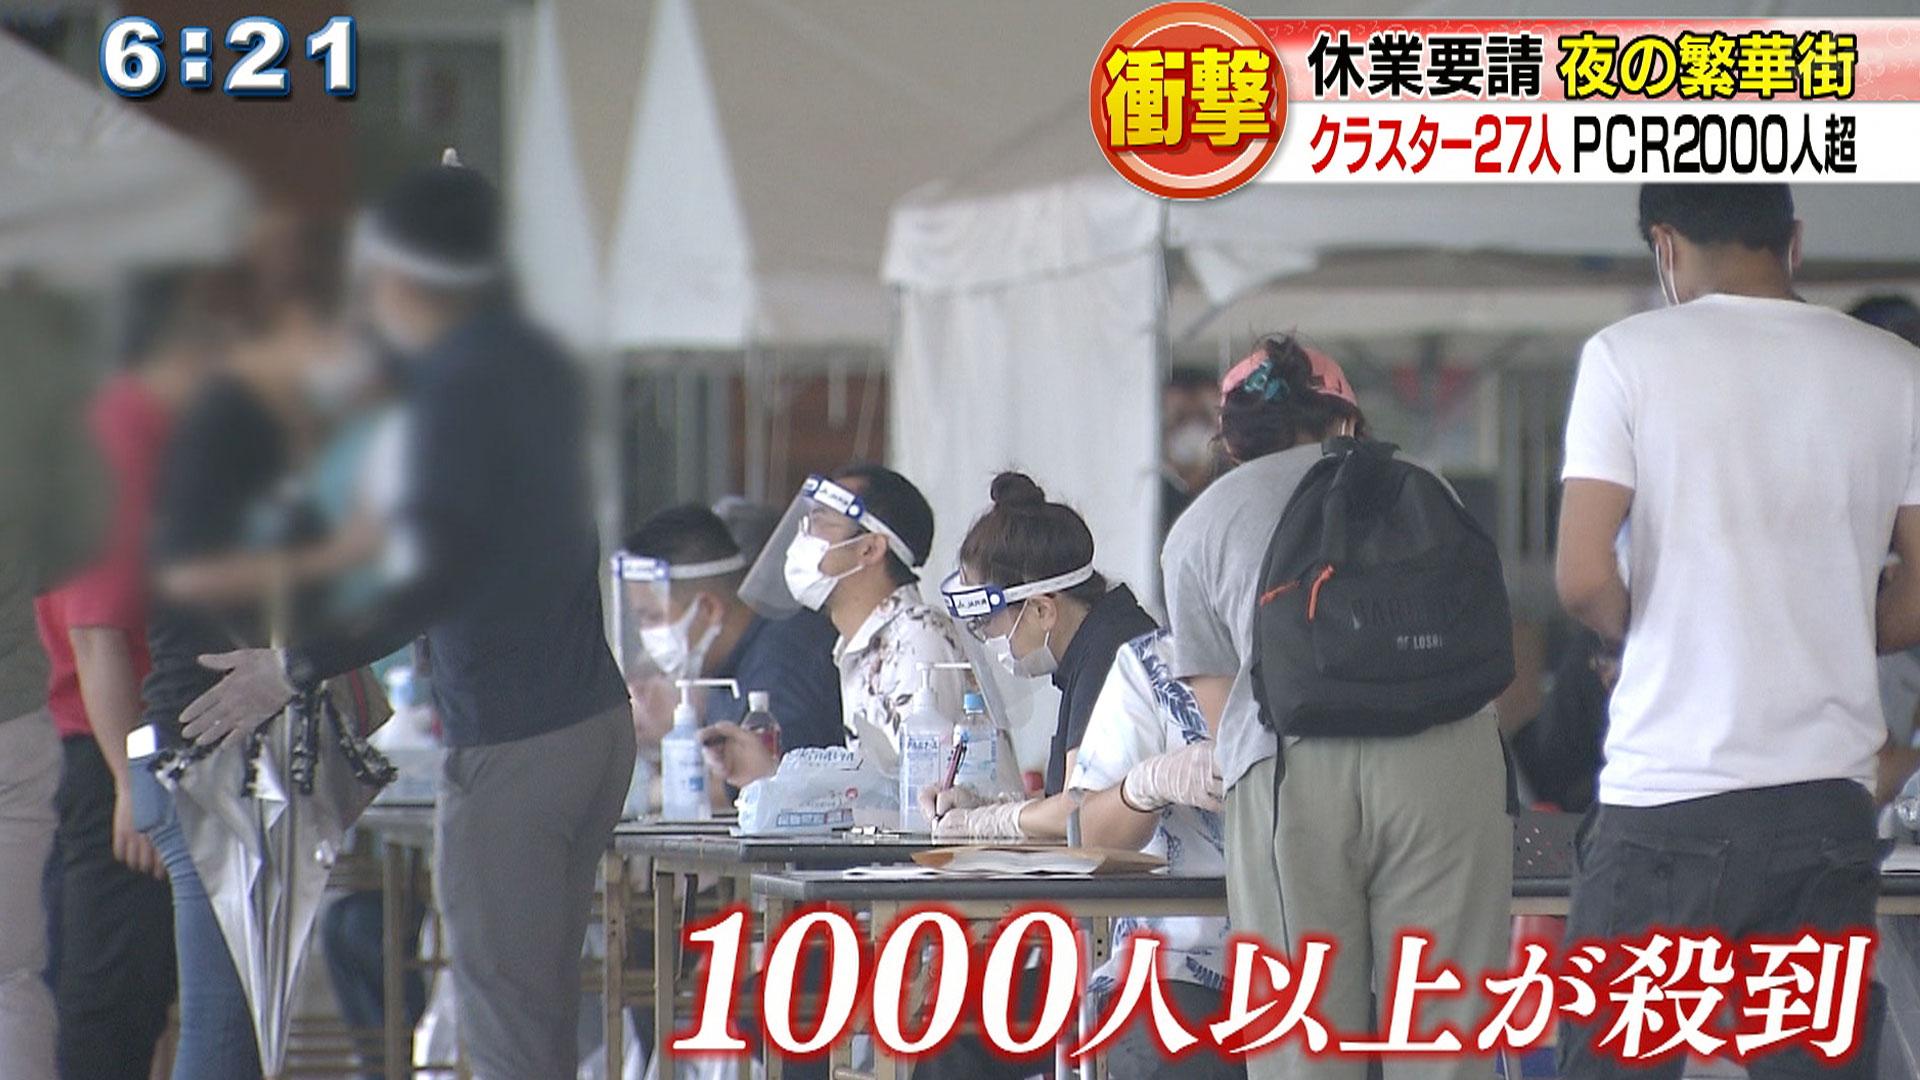 夜の繁華街・松山 PCR検査に2000人殺到